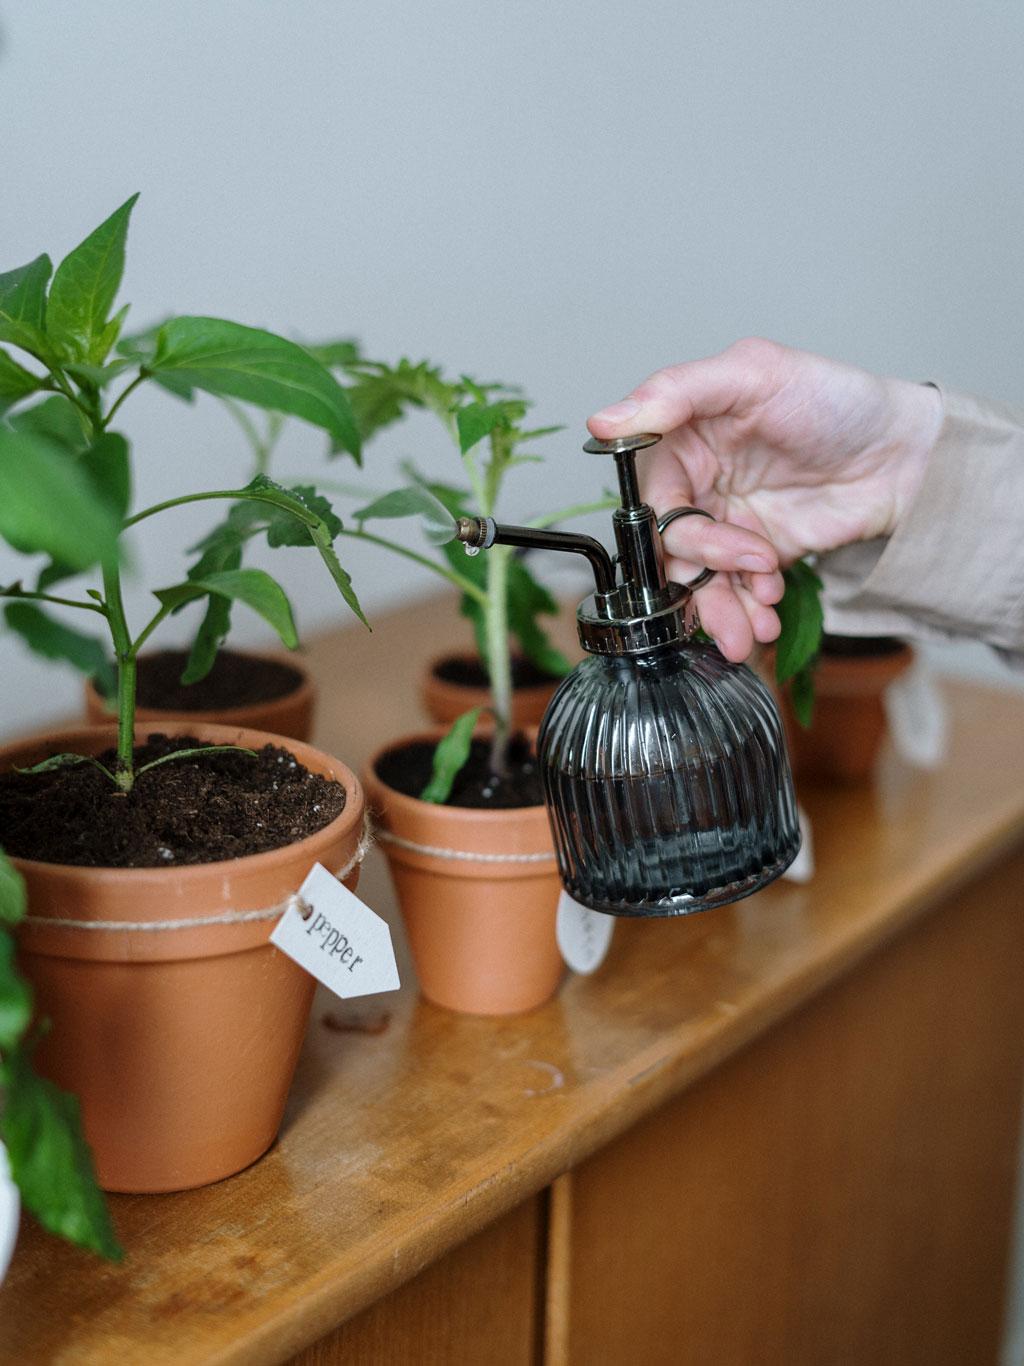 Regar vasos de ervas aromáticas